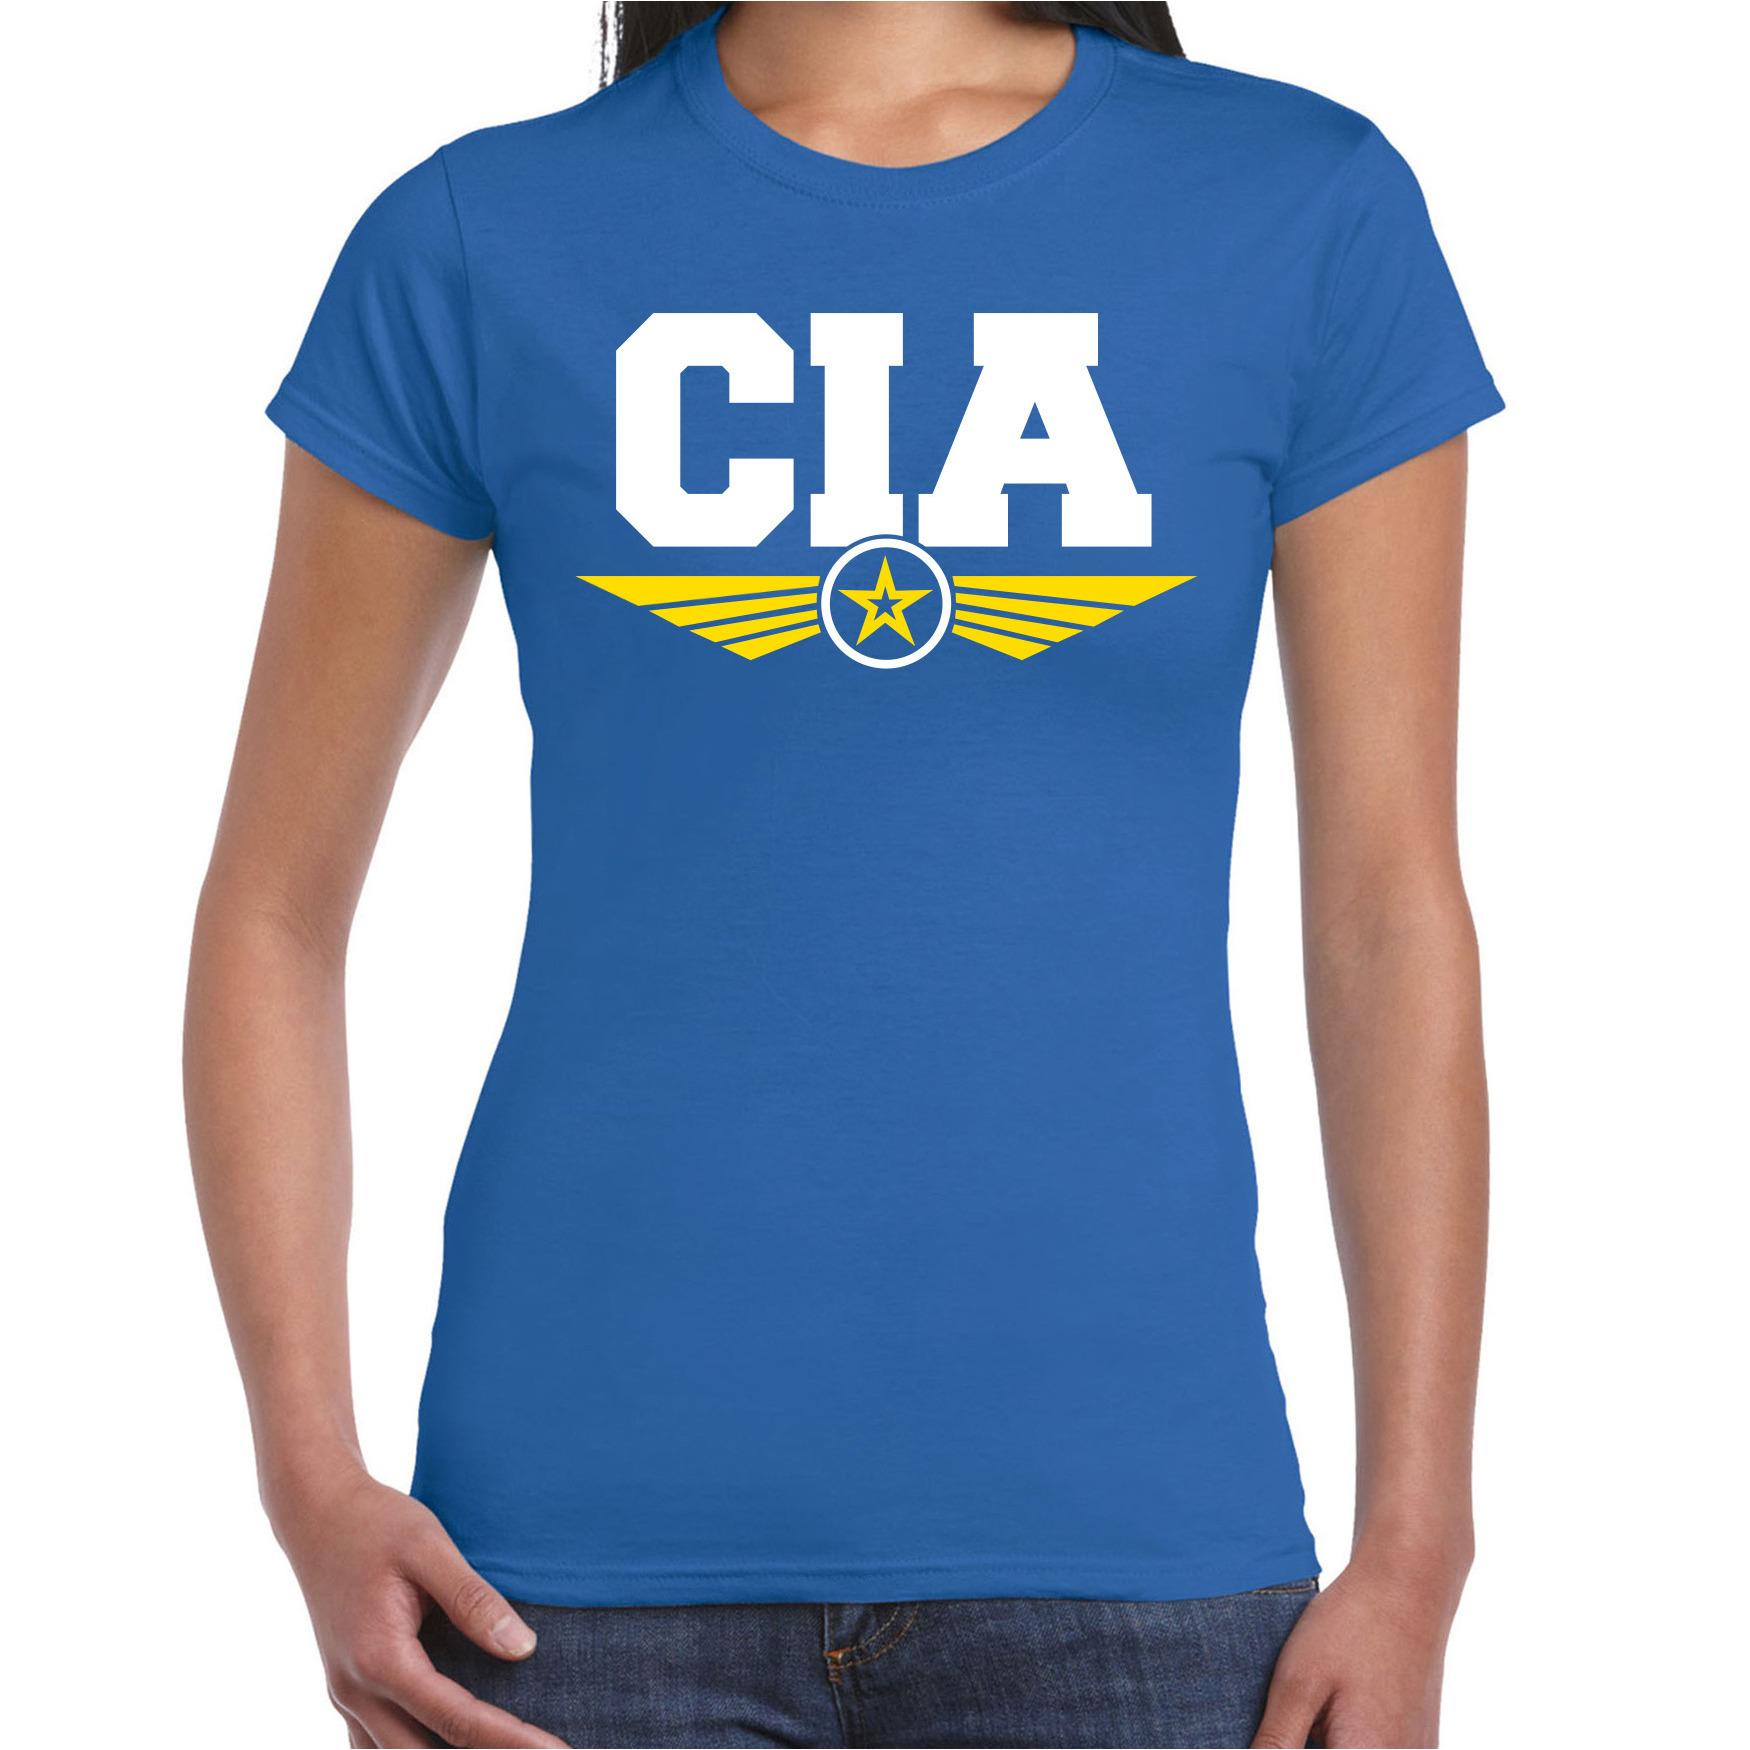 CIA agent tekst t-shirt blauw voor dames